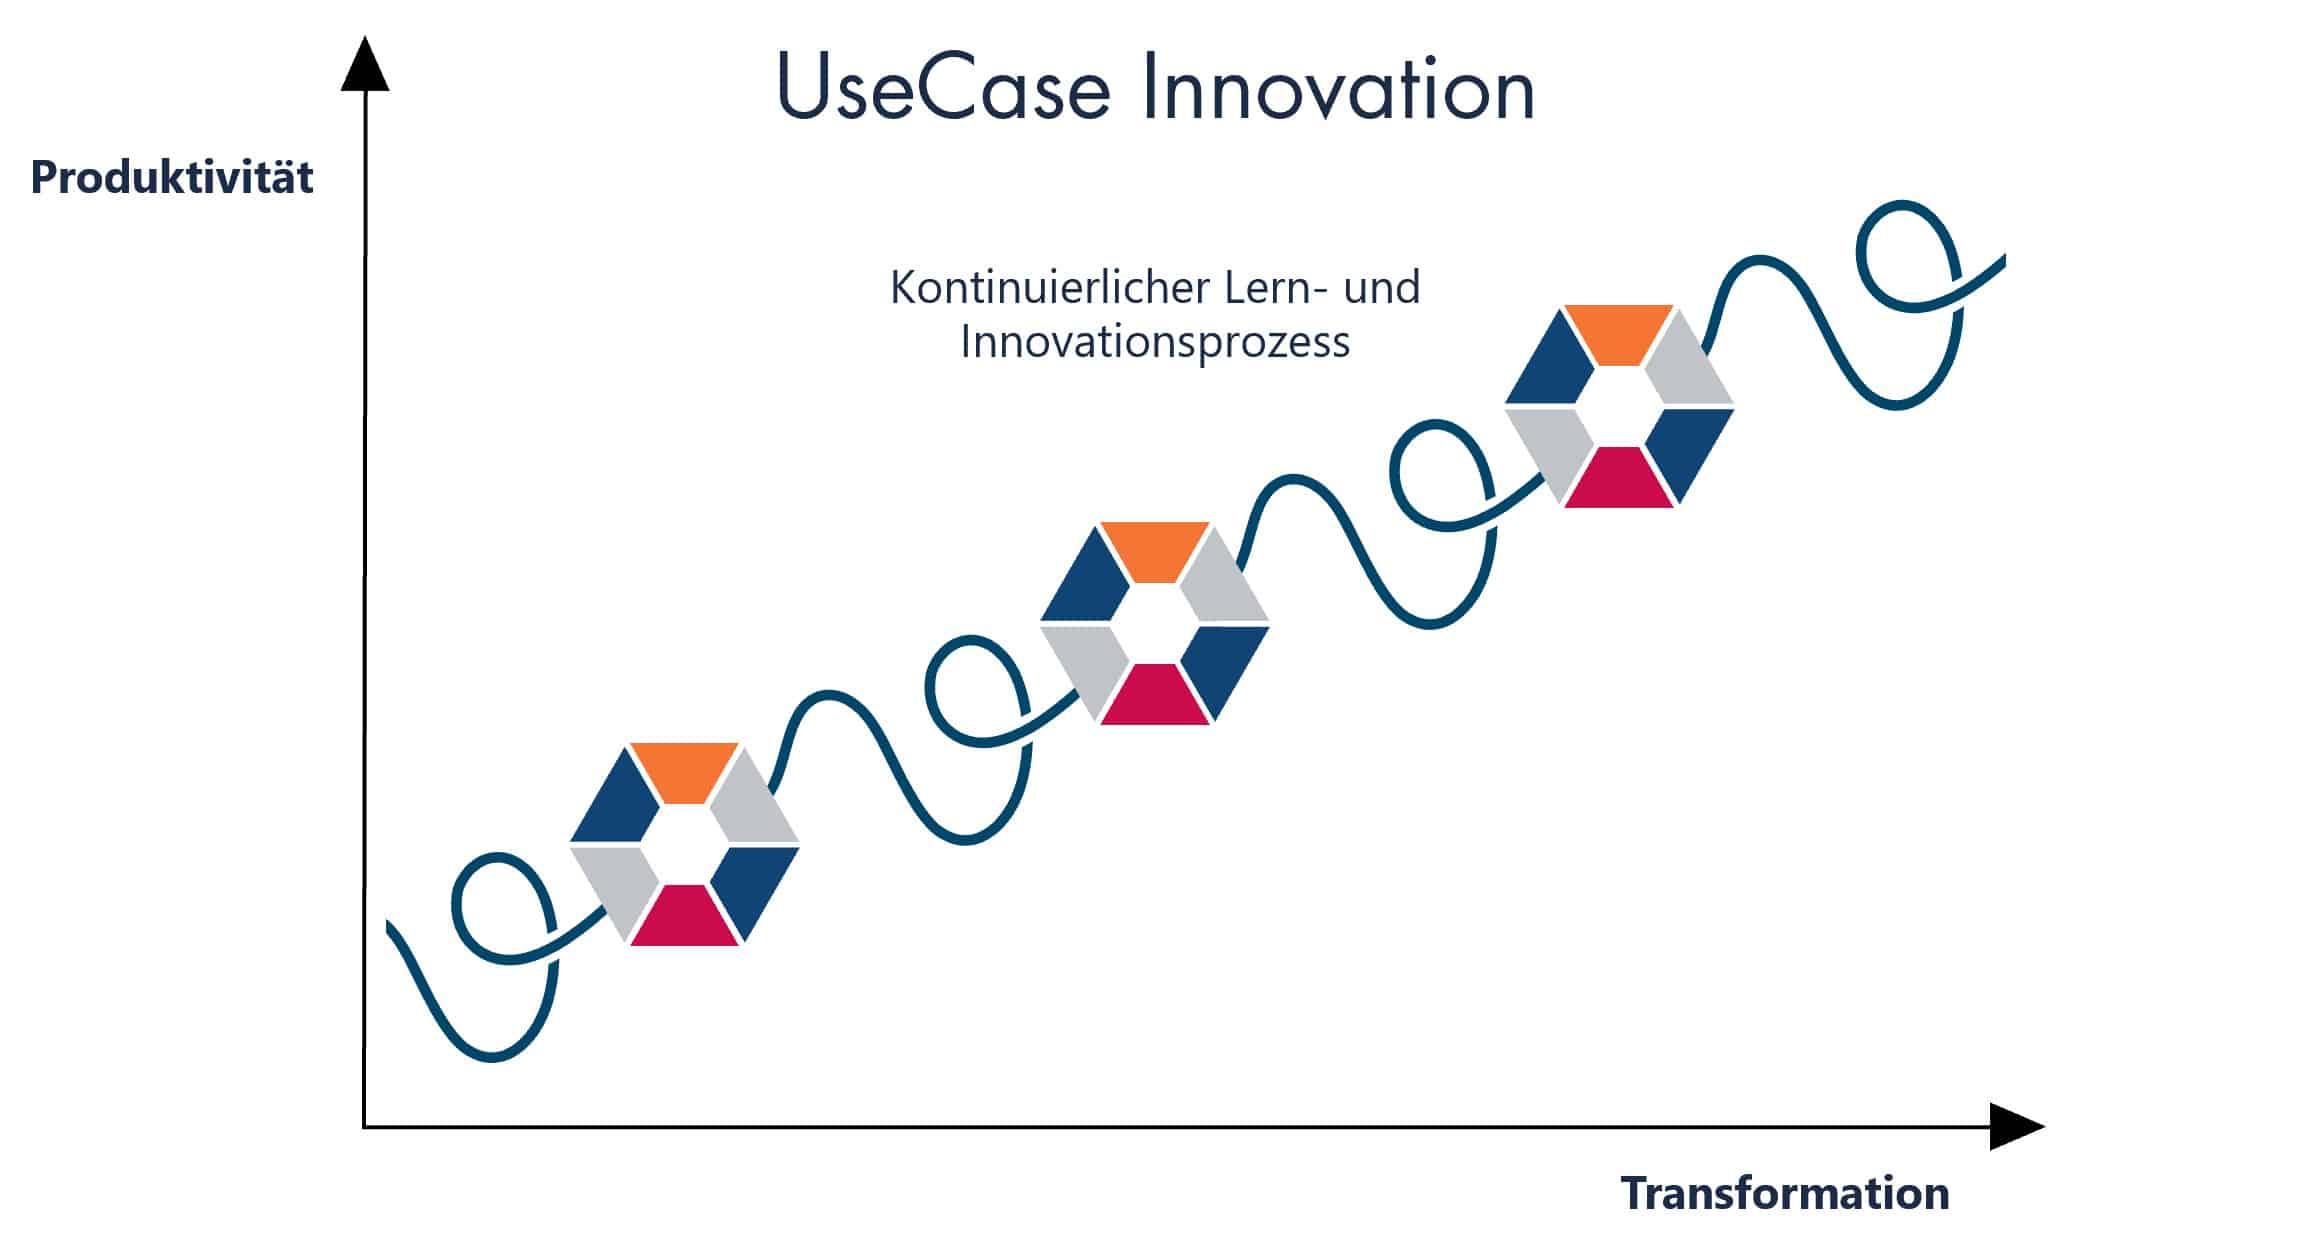 zu UseCase Innovation